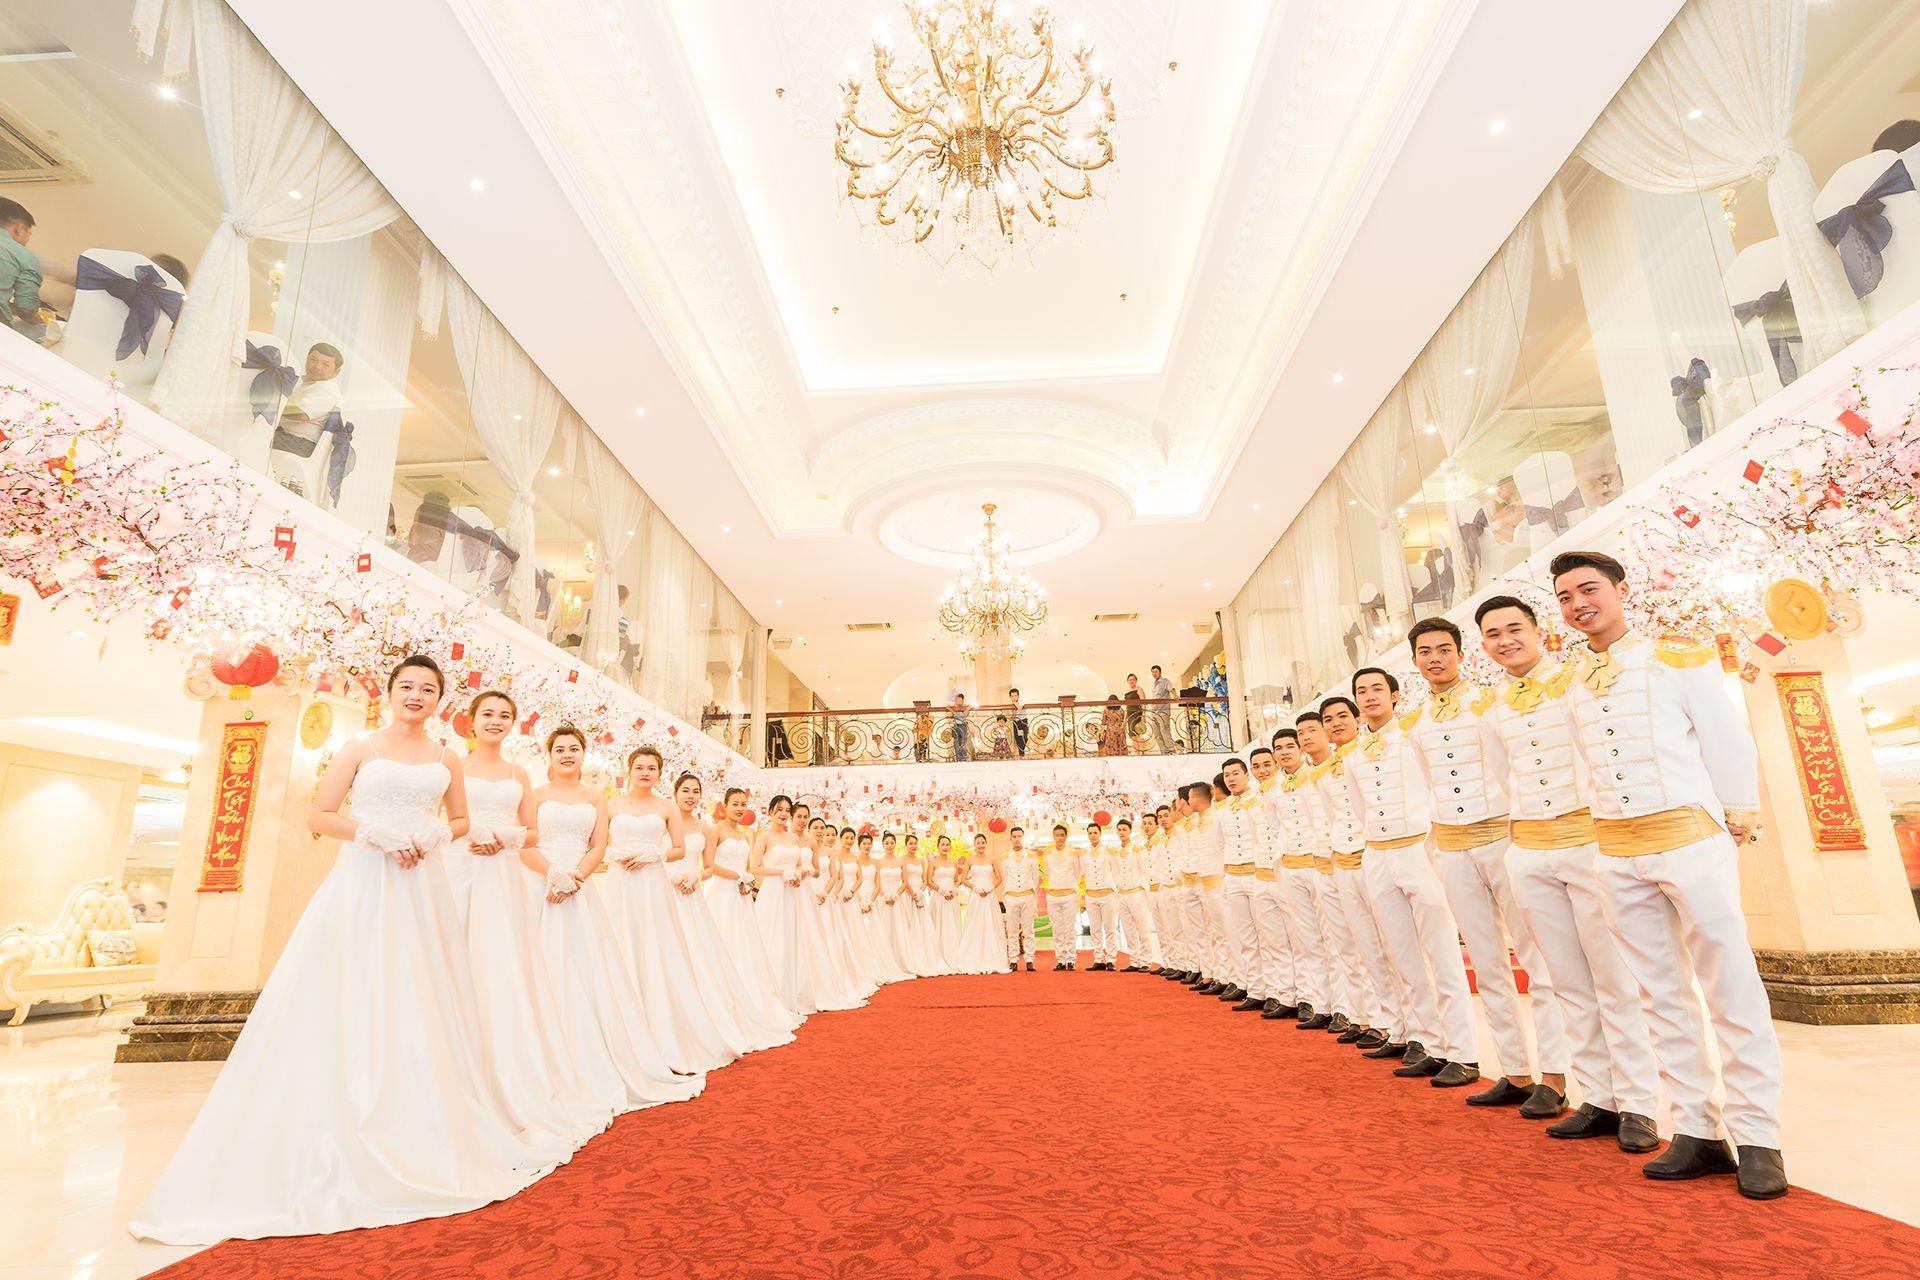 Danh Sách 7 nhà hàng tiệc cưới sang trọng ở Sài Gòn.